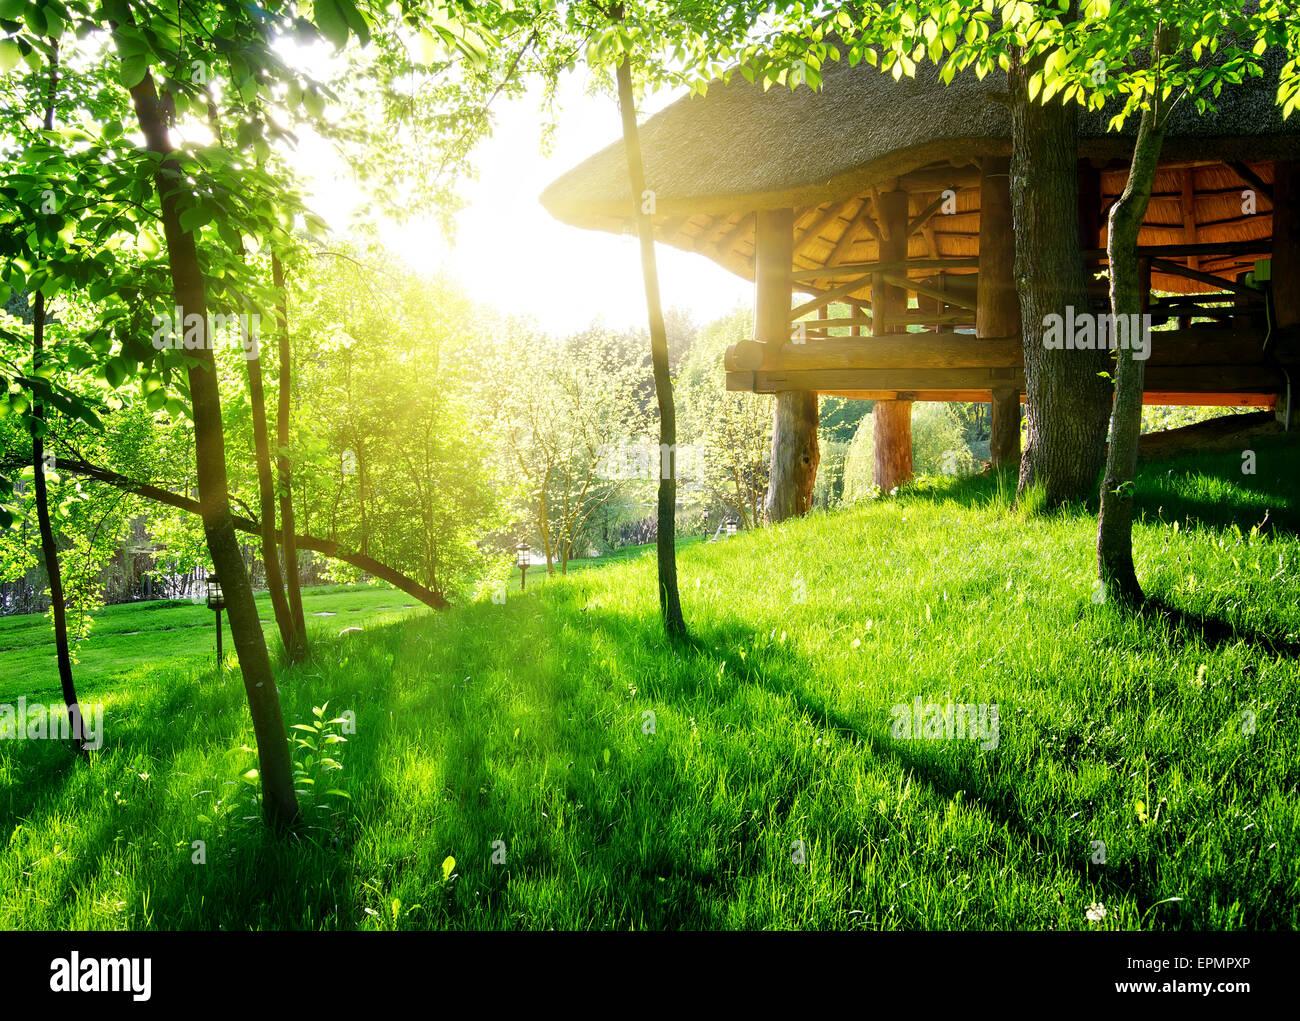 Gazebo tra il verde degli alberi nella giornata di sole Immagini Stock